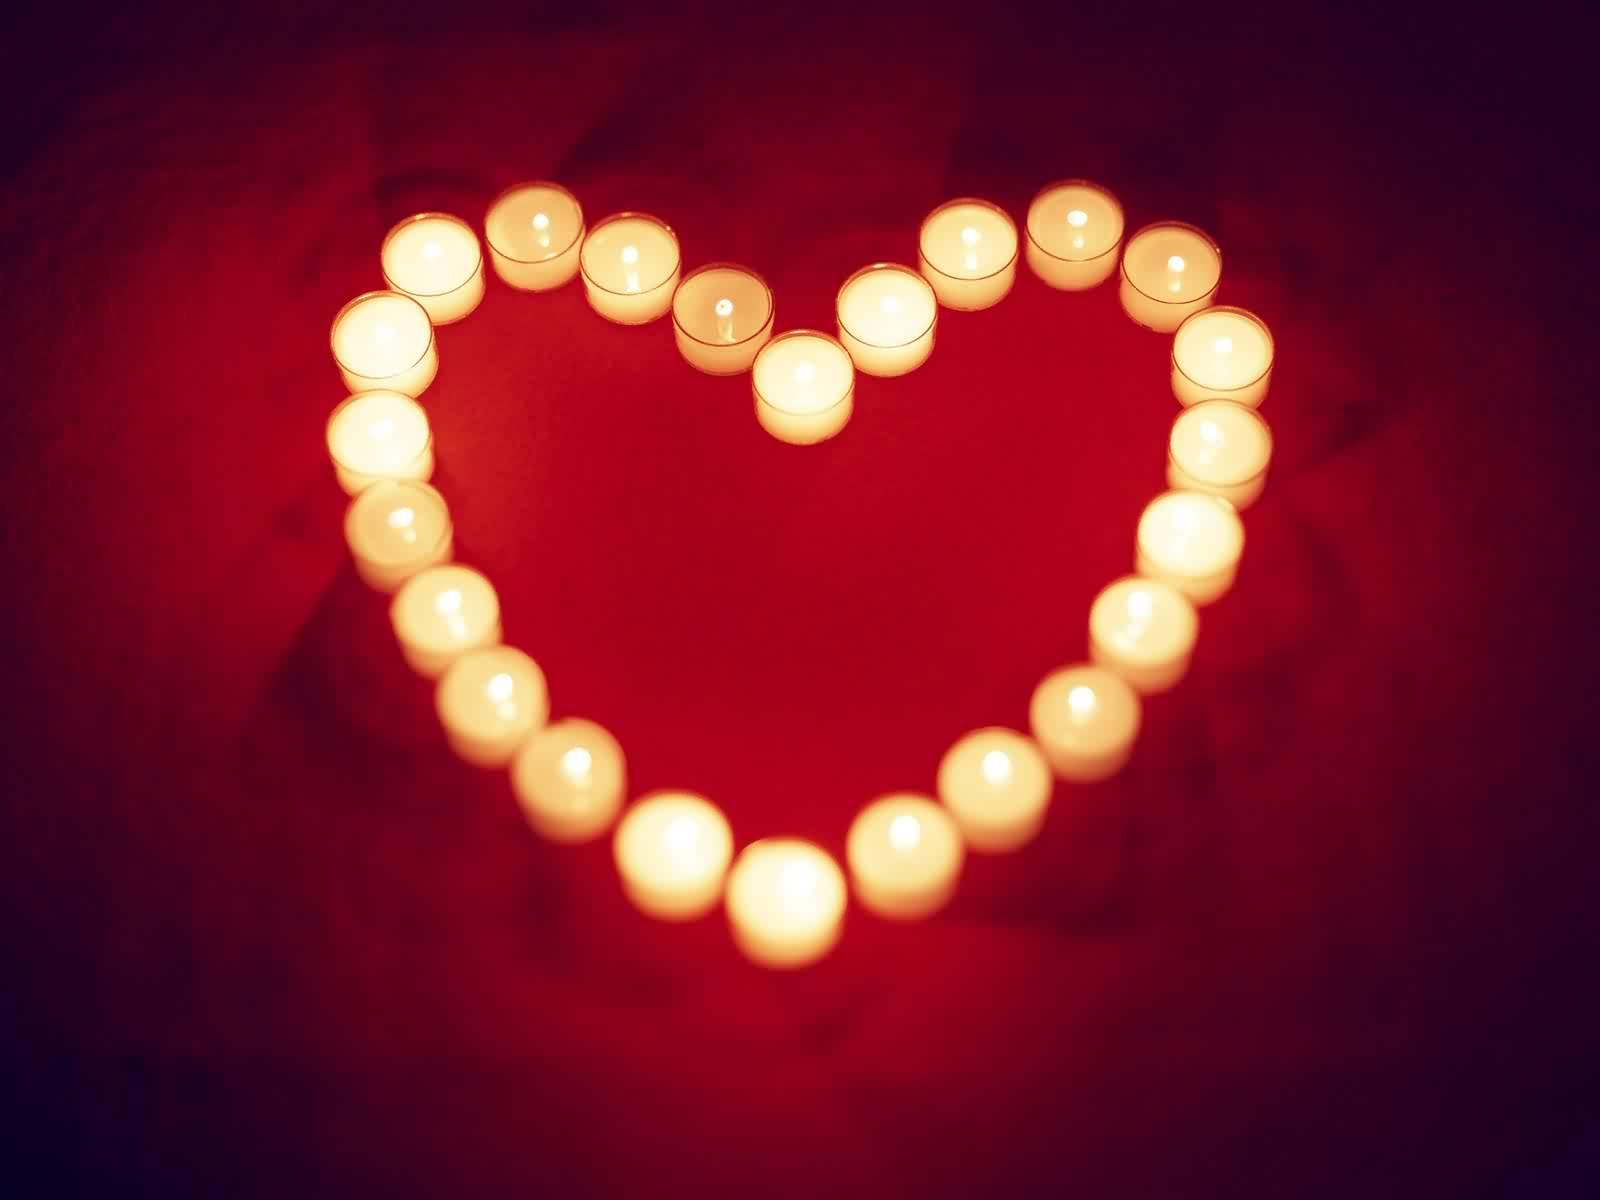 حب و عشق